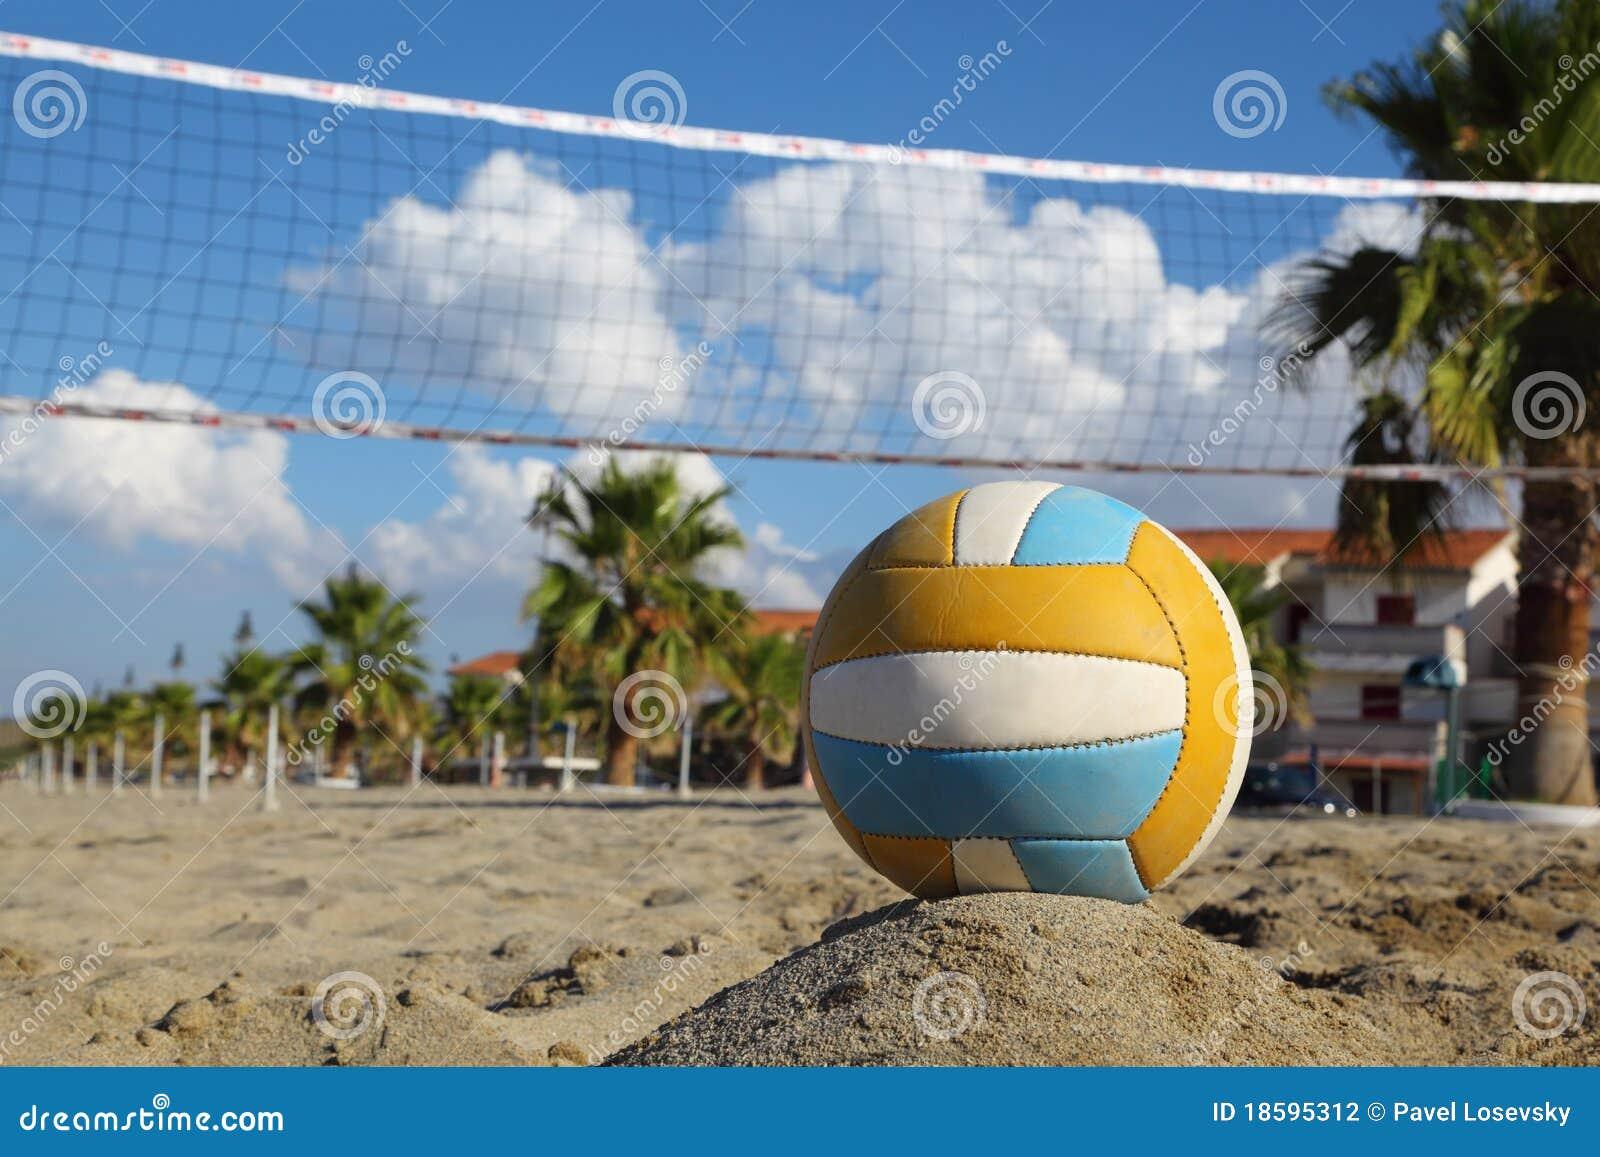 Rete di pallavolo, pallavolo sulla spiaggia e palme